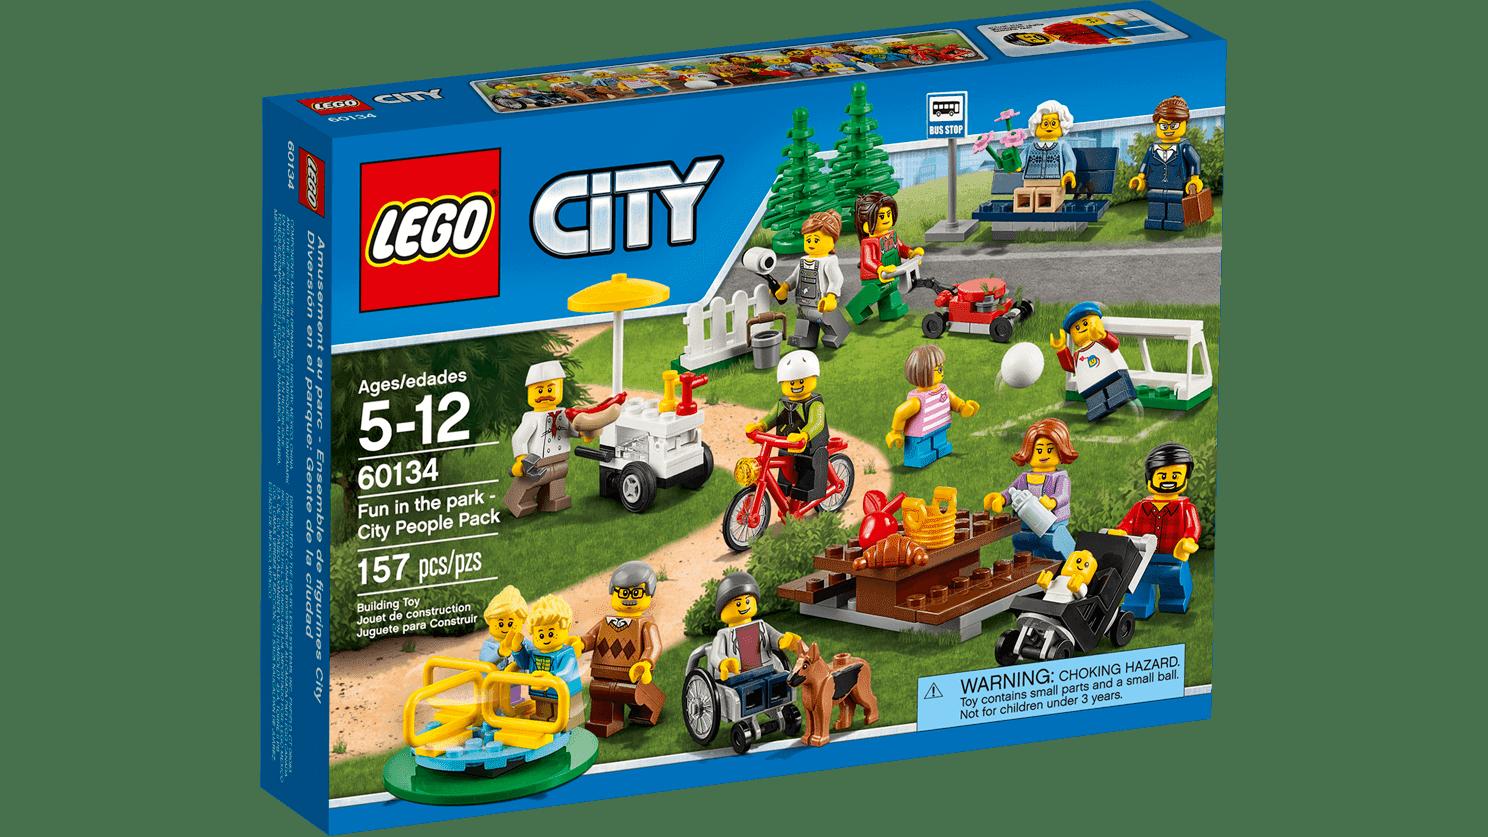 Annas Jul: Legokalender - köp färdig eller fixa själv? : fixa själv : Inredning